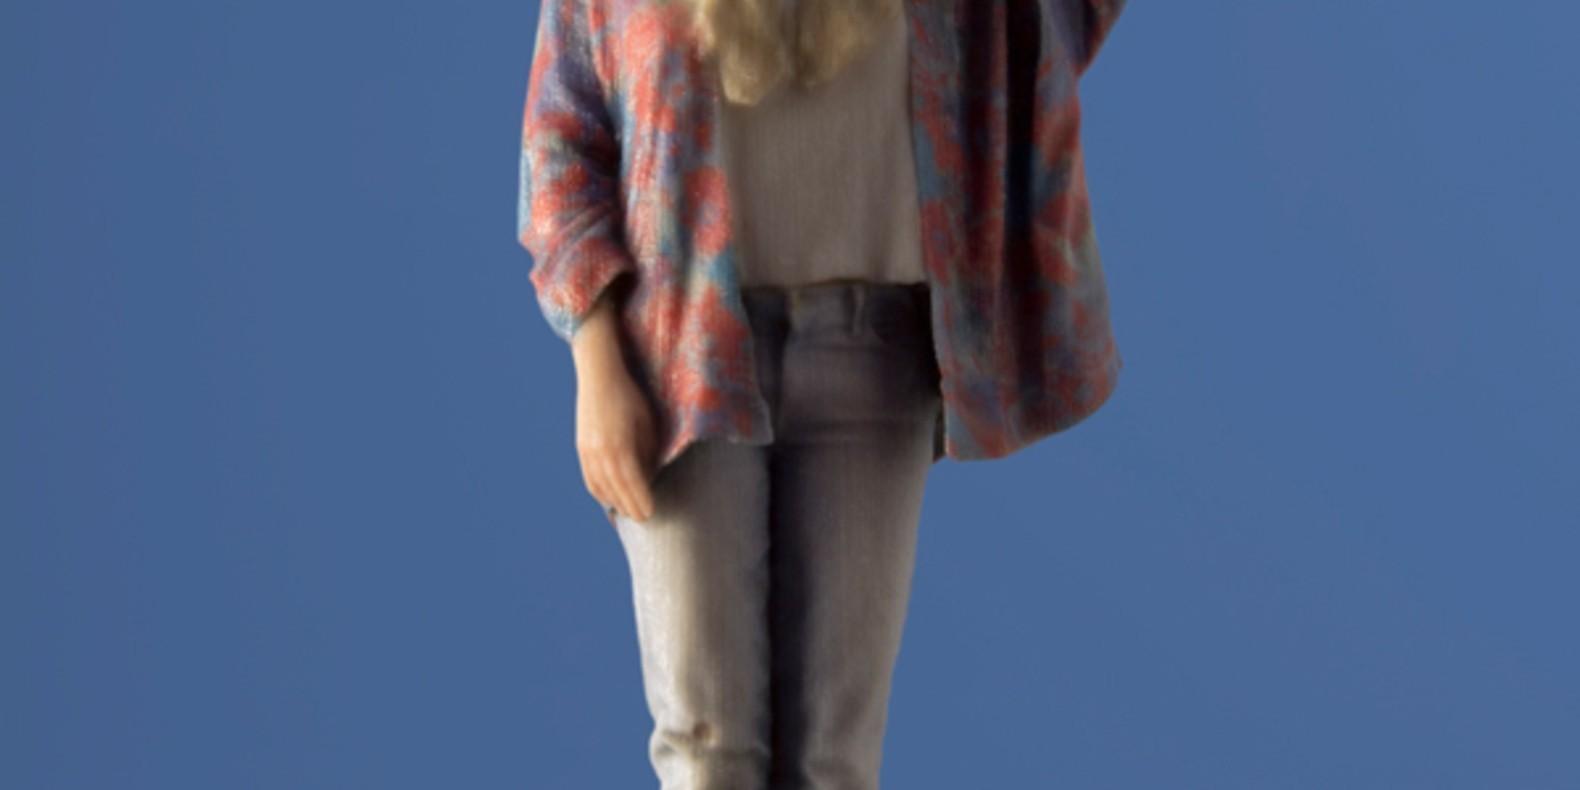 CULTS2 MOÏMEE le service de modélisation de la personne en 3D